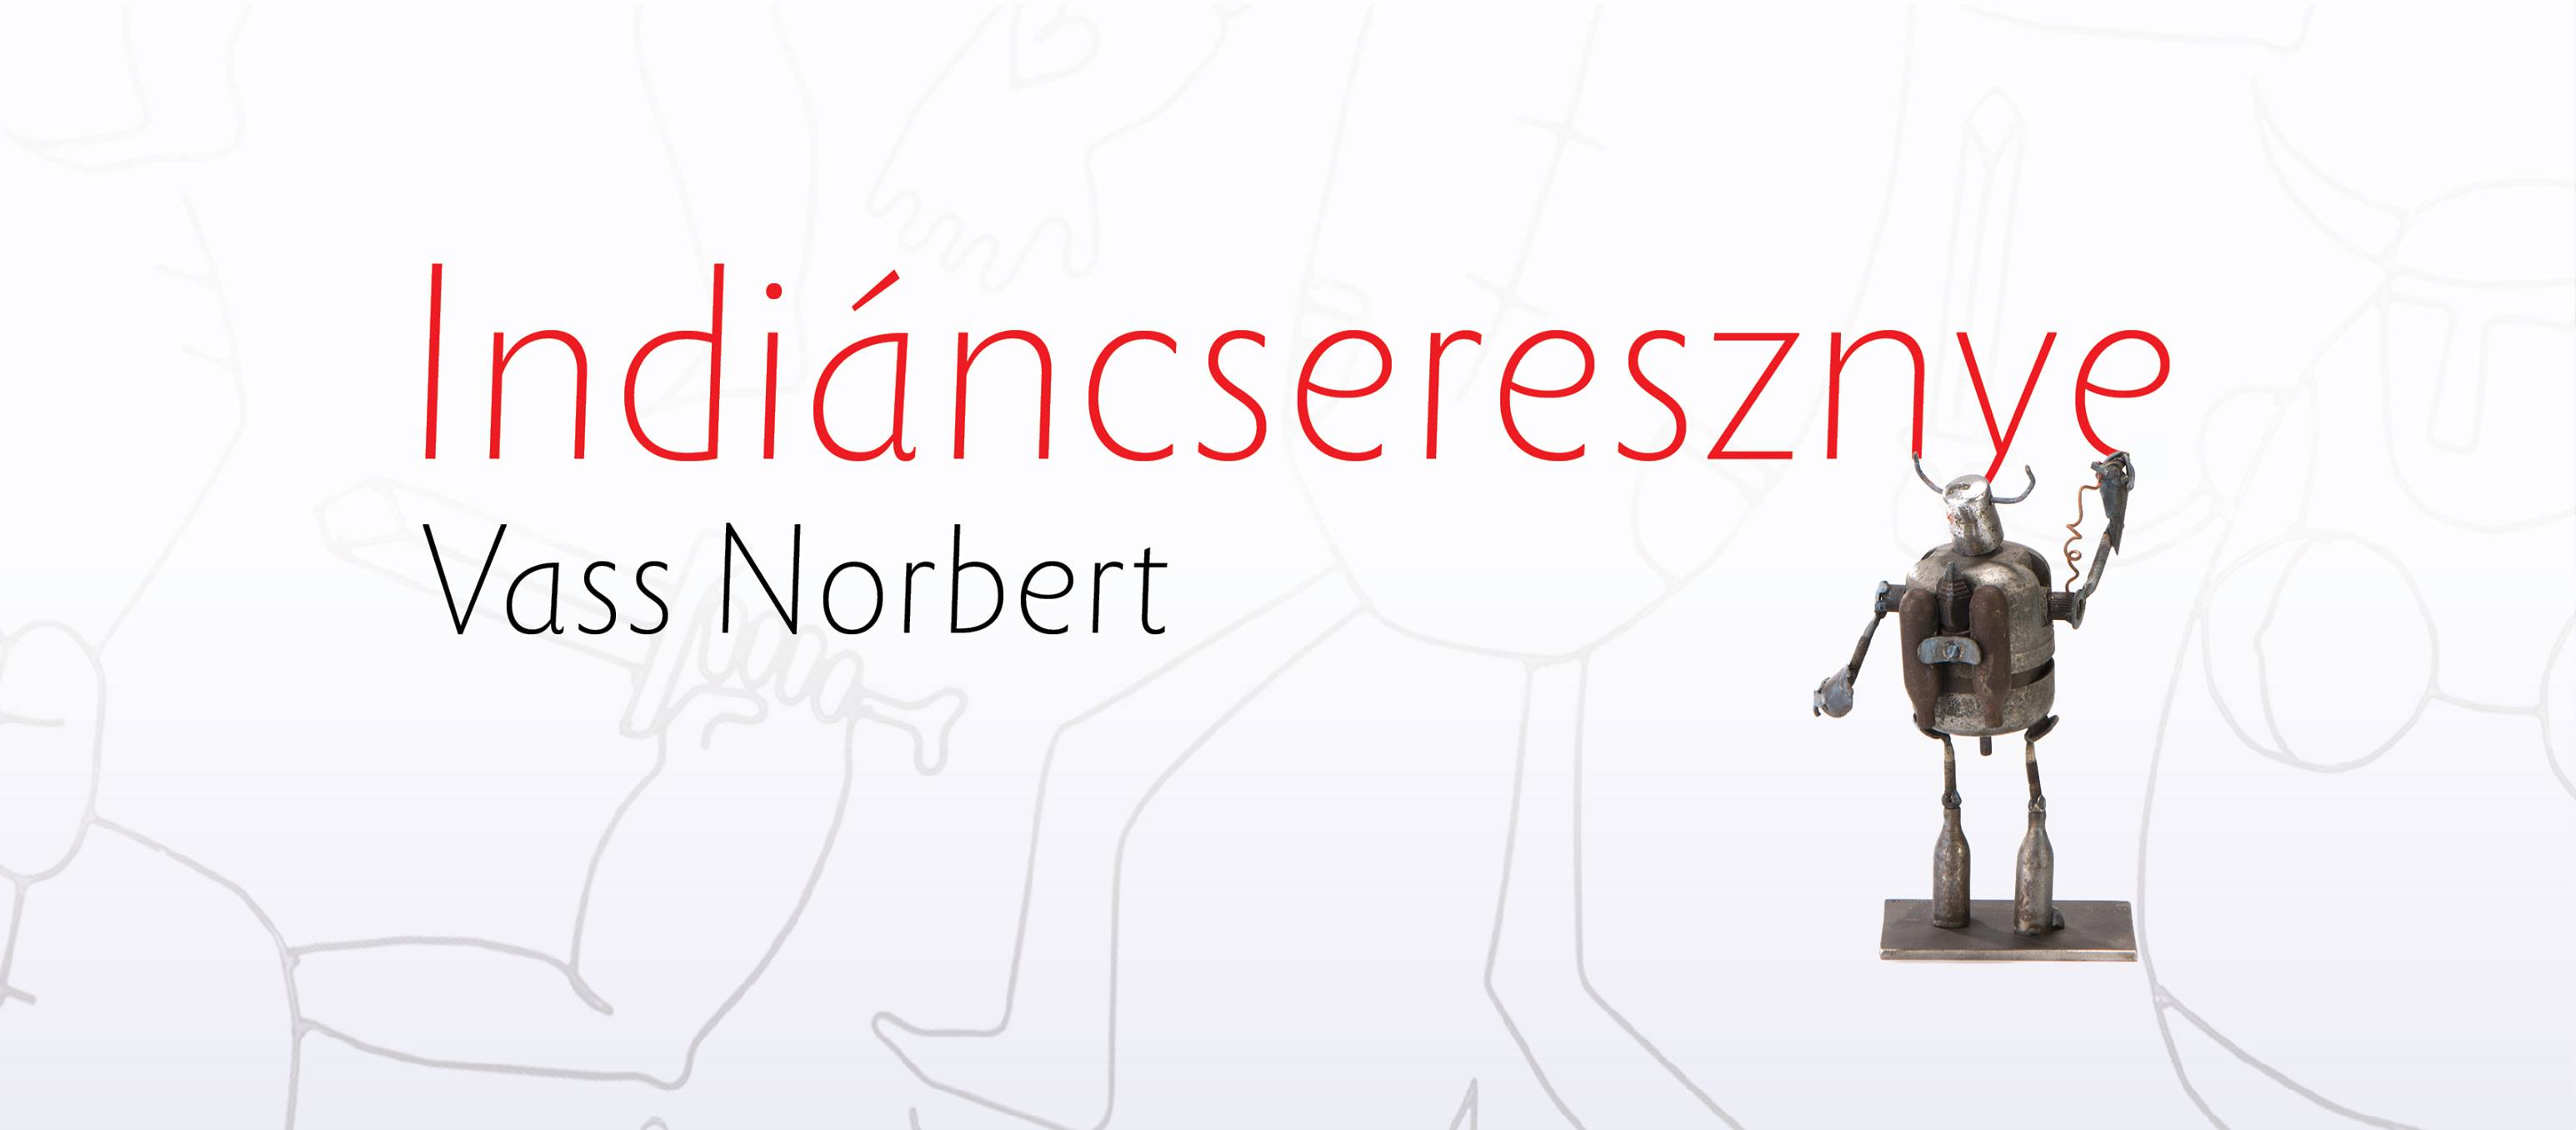 Kiskamaszok a rendszerváltozás másnapján – Vass Norbert Indiáncseresznye című kötetének bemutatója